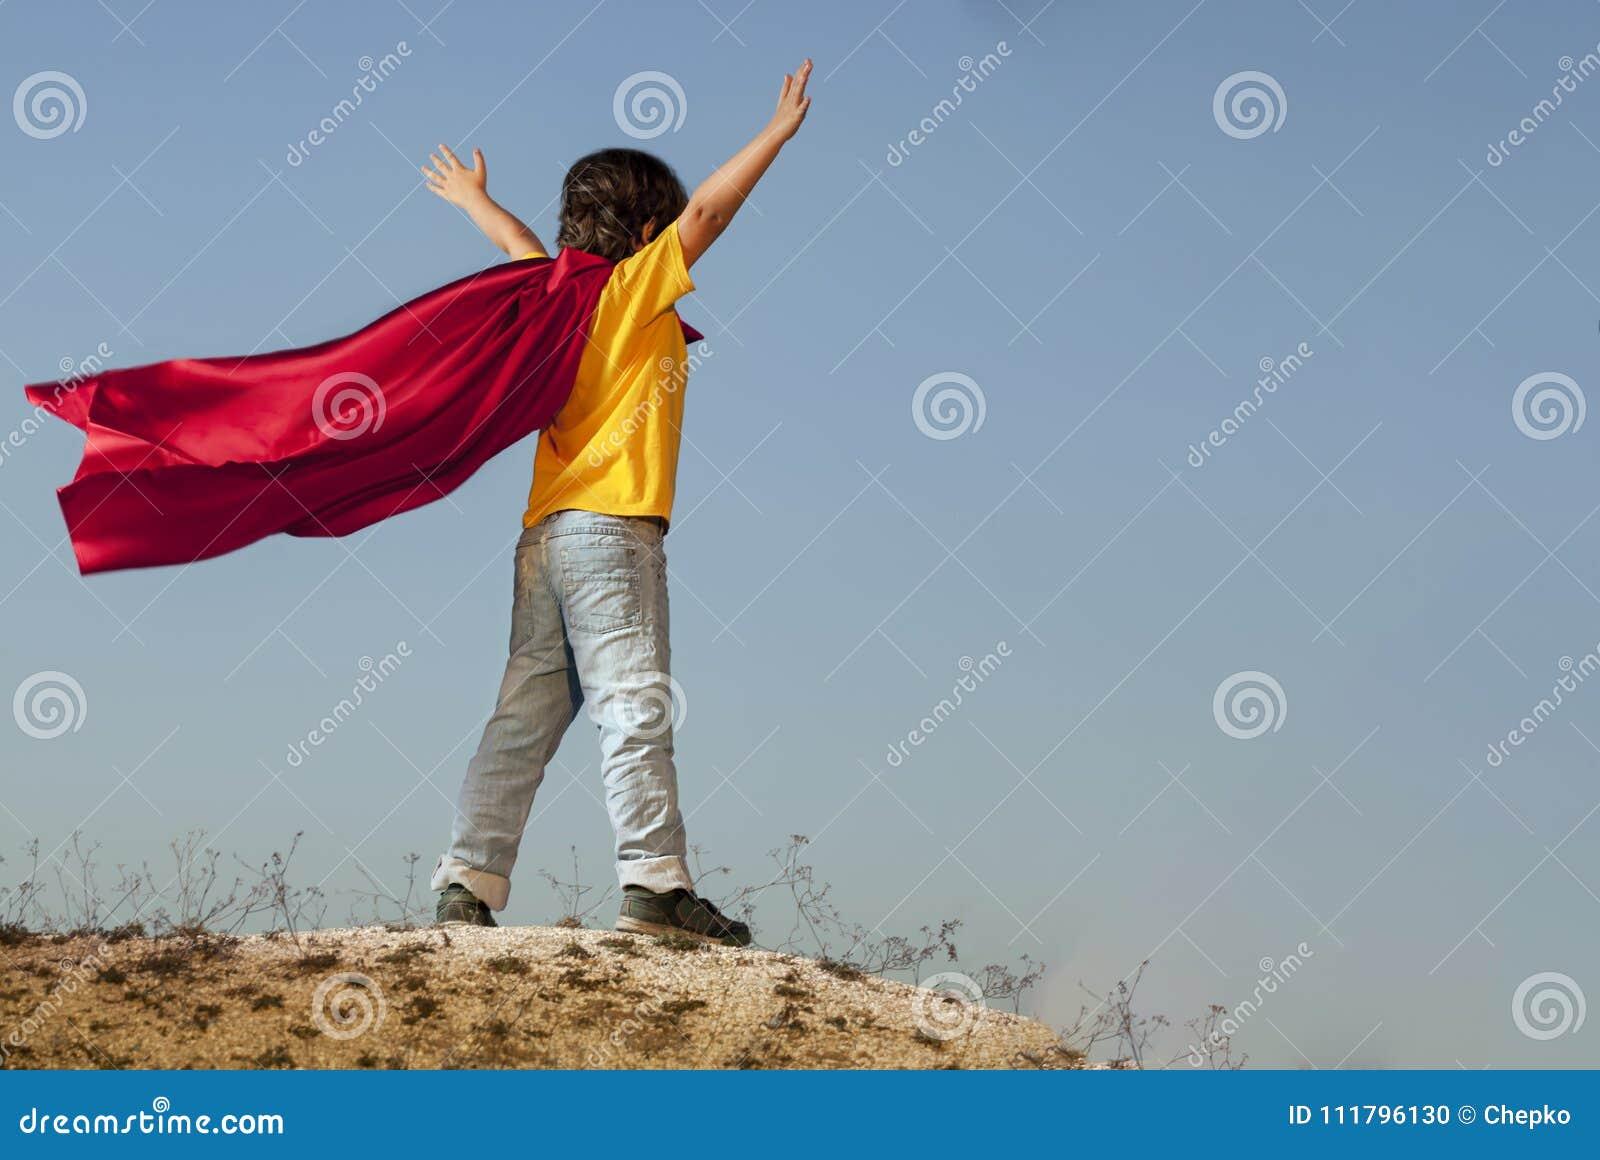 Мальчик играя супергероев на предпосылке неба, подростковый супергероя